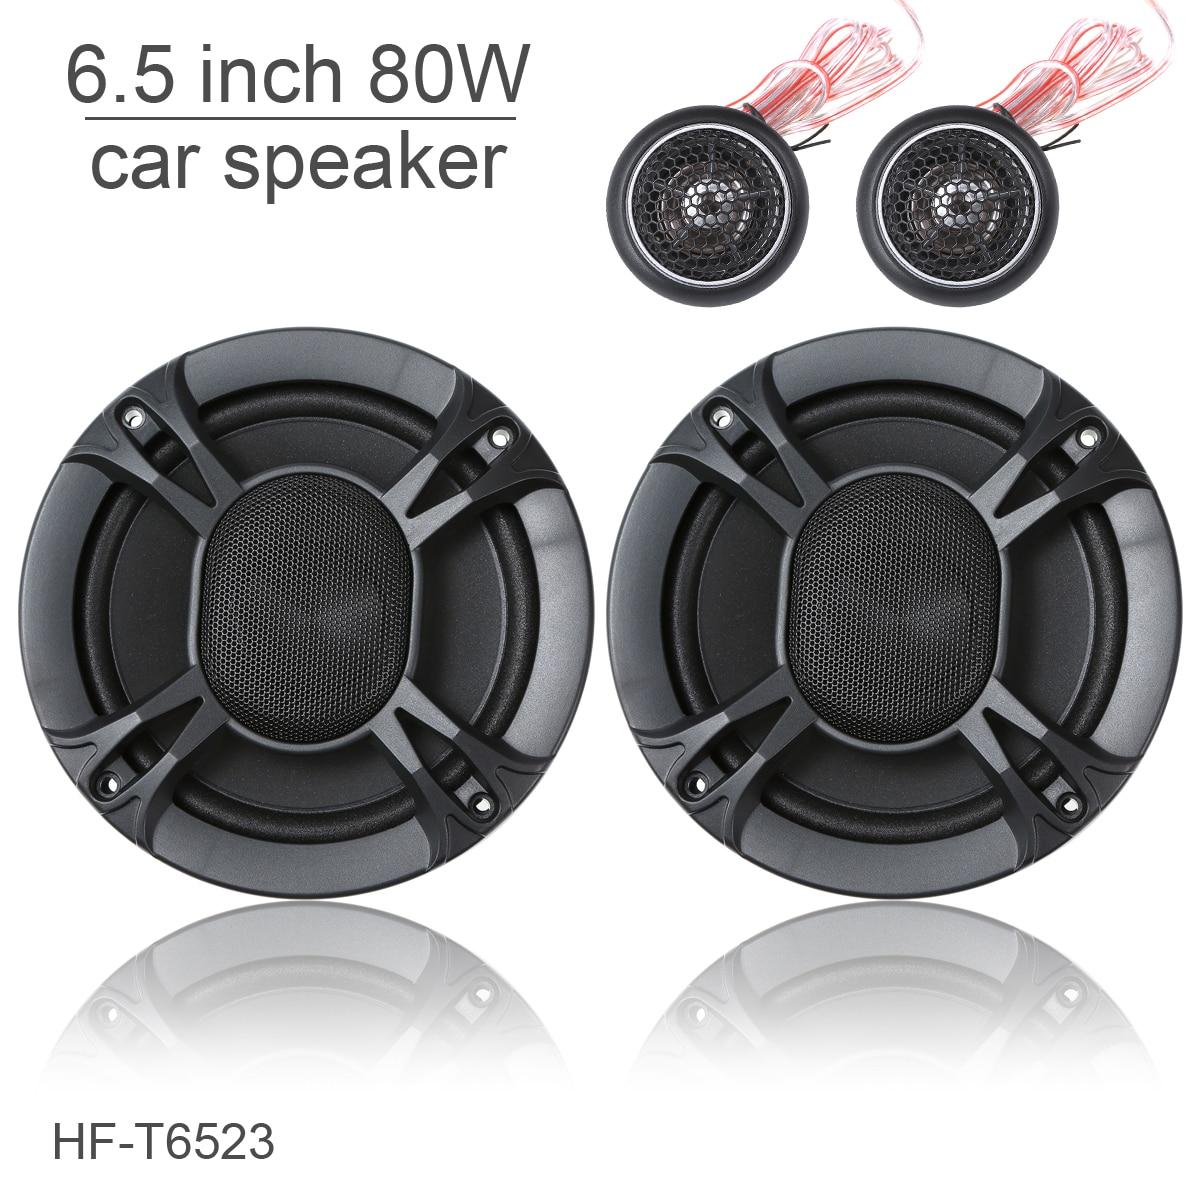 HF-T6523 un ensemble 6.5 pouces 80 W Coaxial gamme complète fréquence haut-parleur stéréo avec Tweeter et diviseur de fréquence pour les voitures